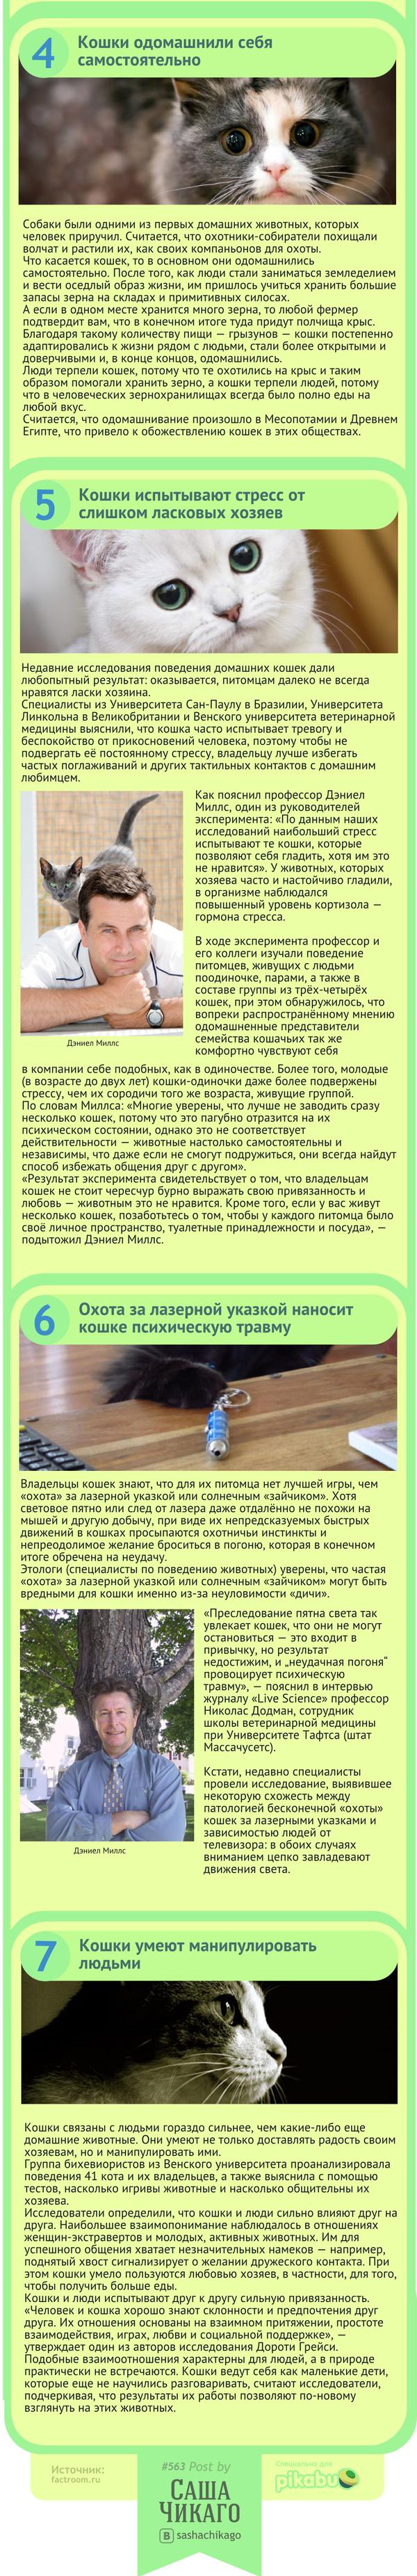 О взаимоотношения человека с кошкой 4_5